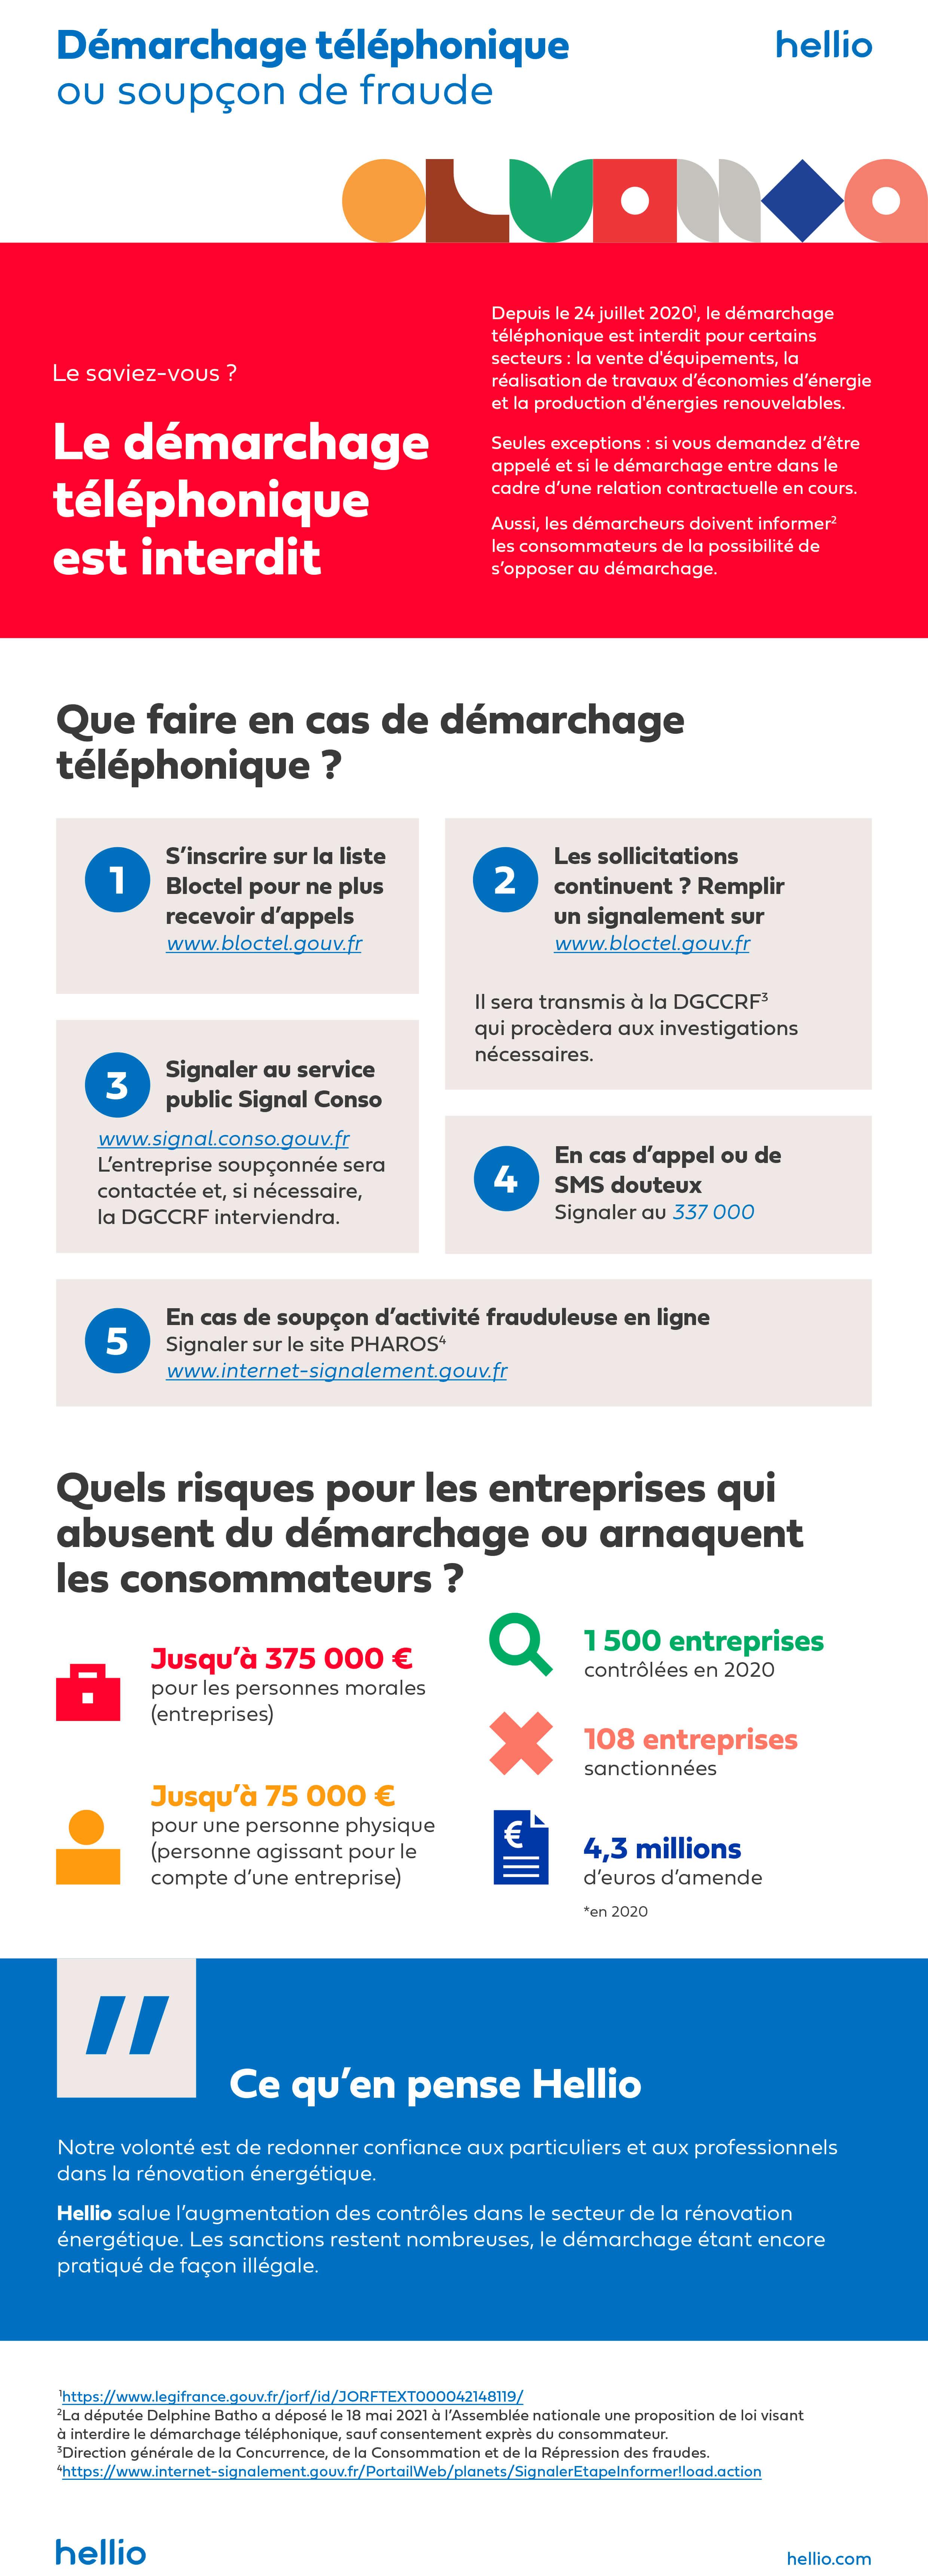 Infographie_Demarchage_Hellio copie-1